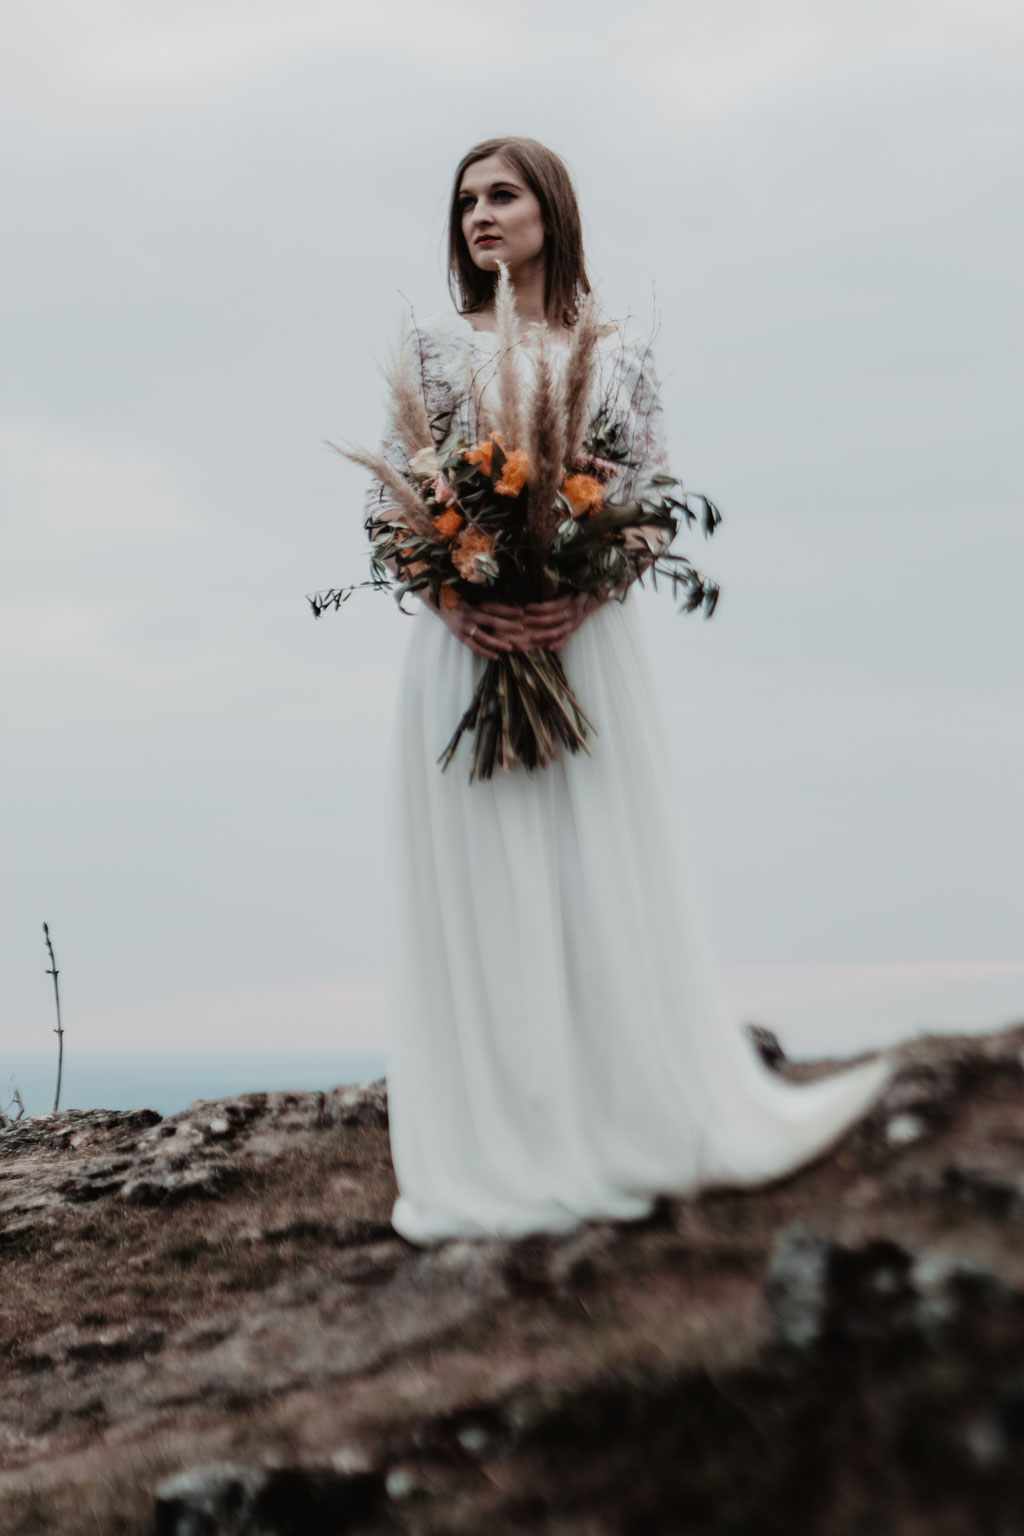 ROVA FineArt Wedding photografphy - hochzeitsfotografie Forchheim - fränkische schweiz - walberla - franconia - conceptual